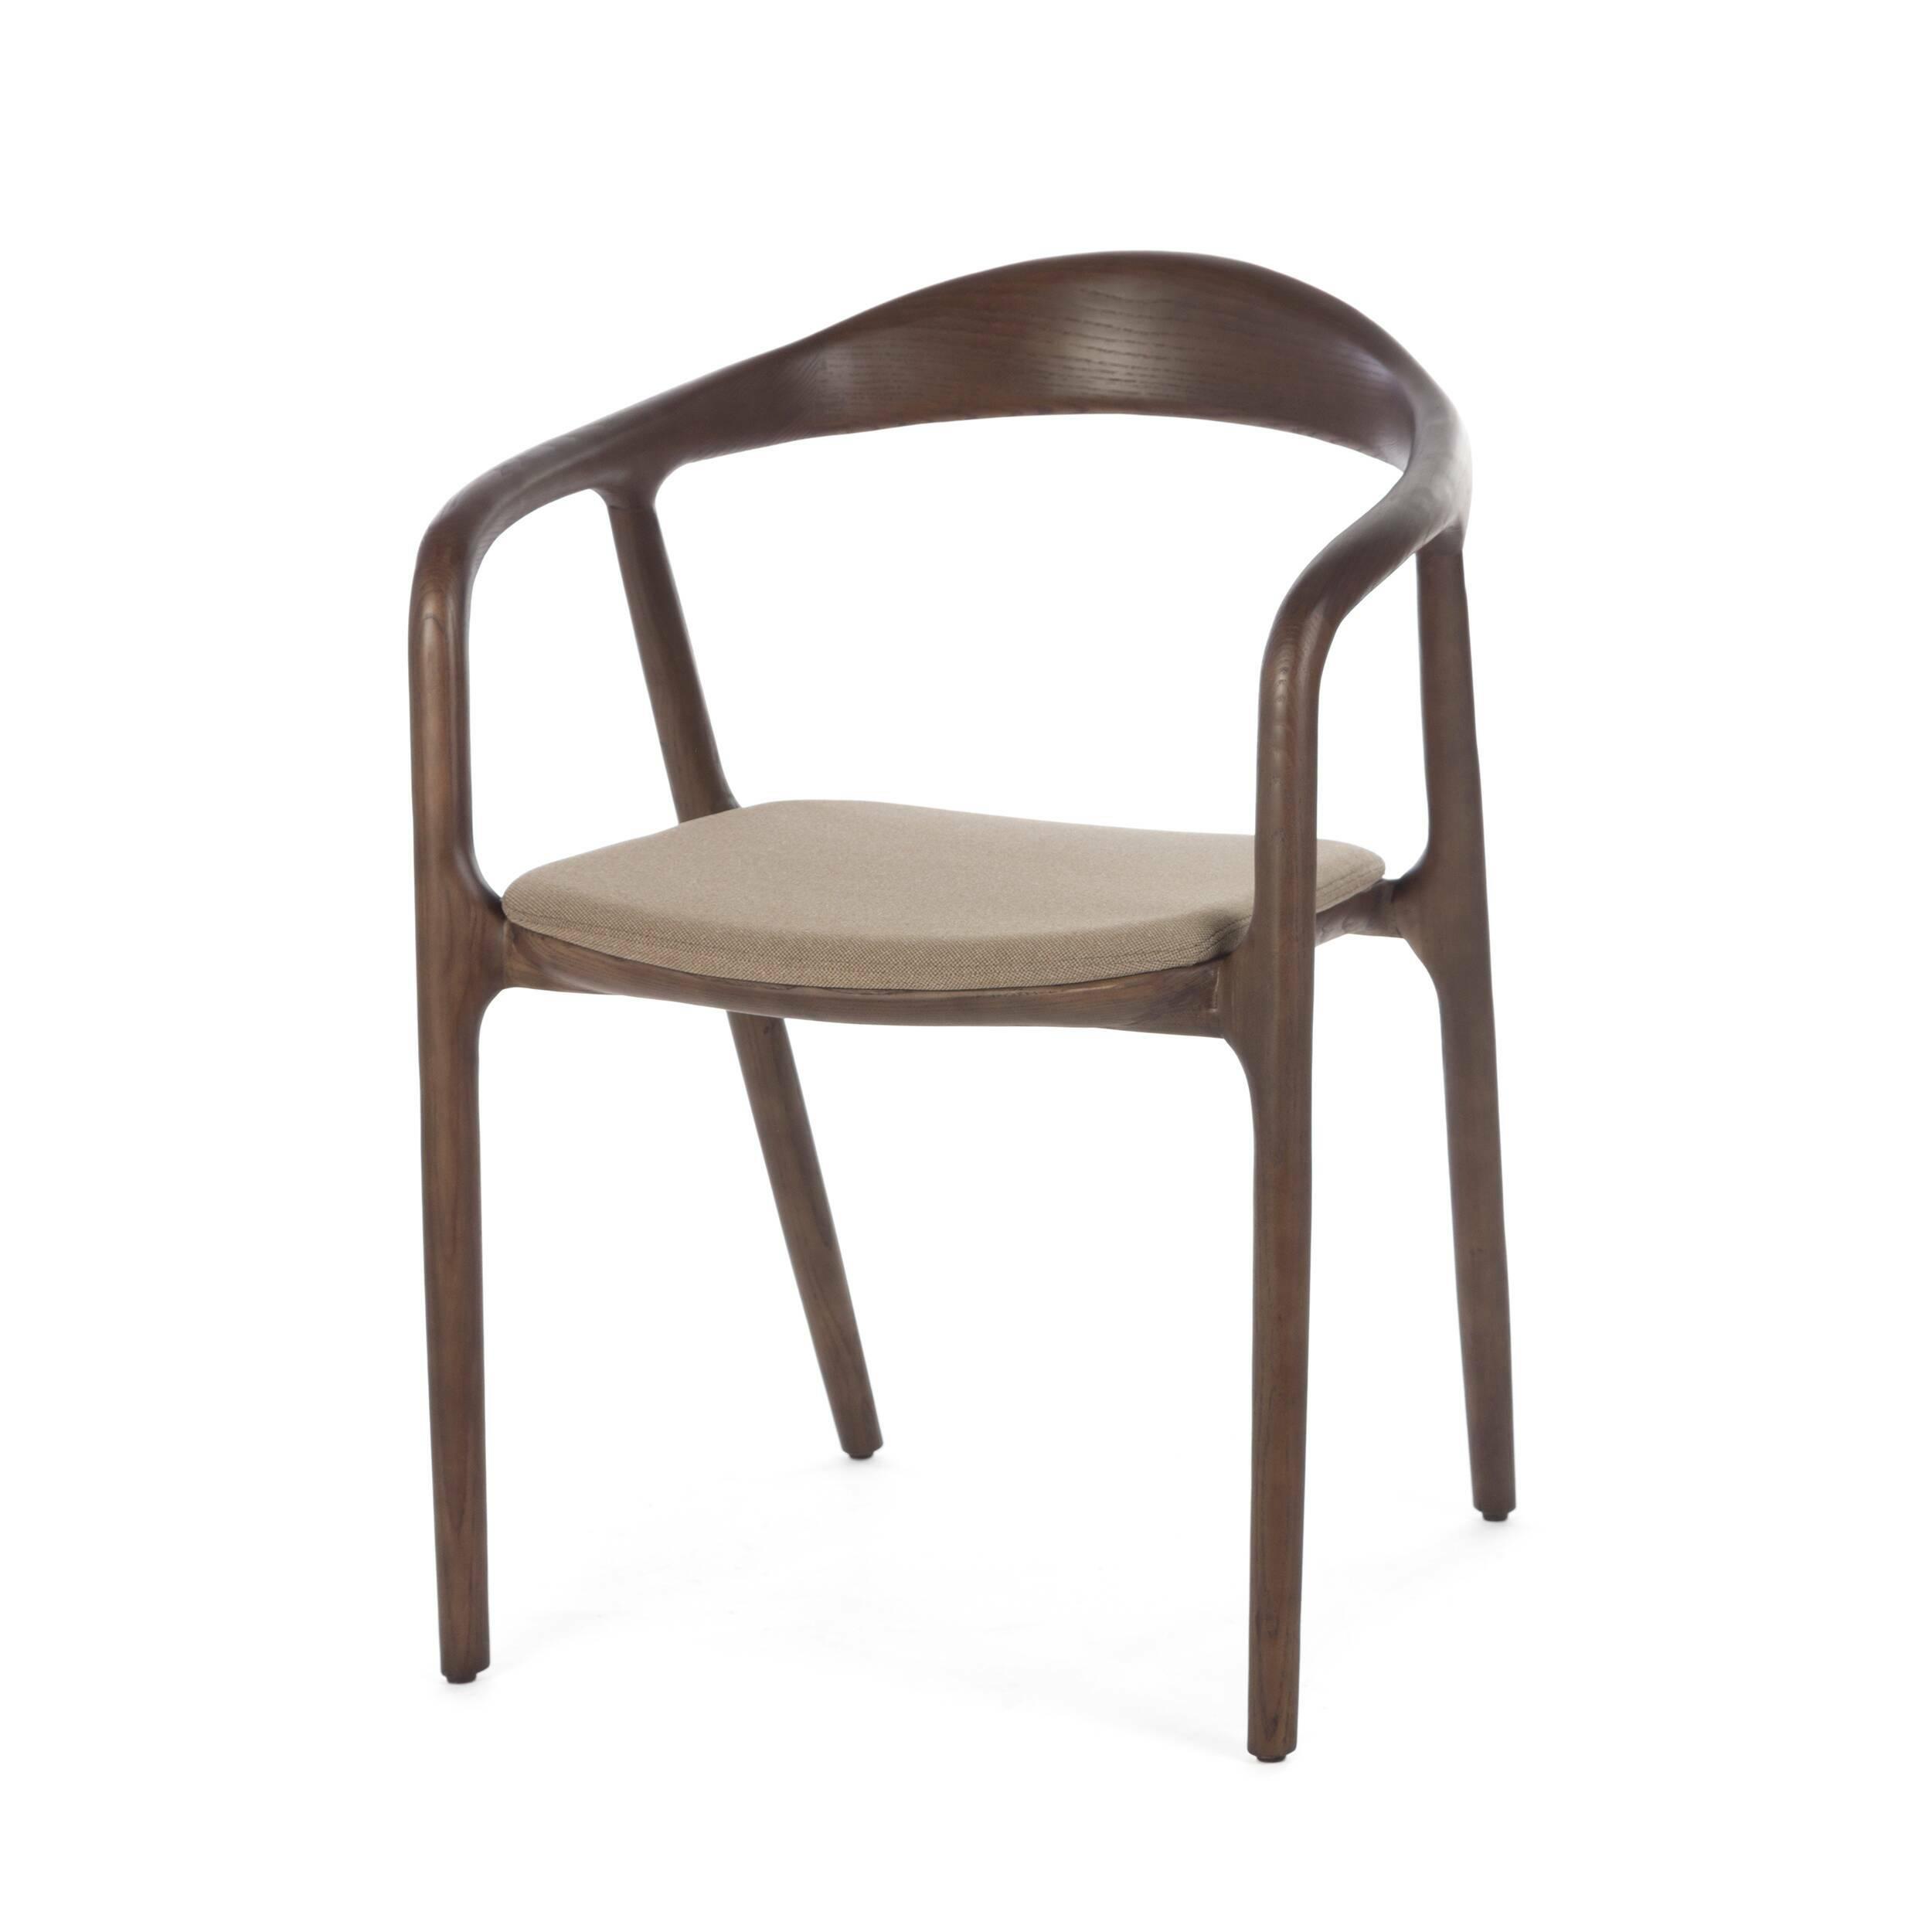 Стул Canada купить в интернет-магазине дизайнерской мебели Cosmorelax.Ru